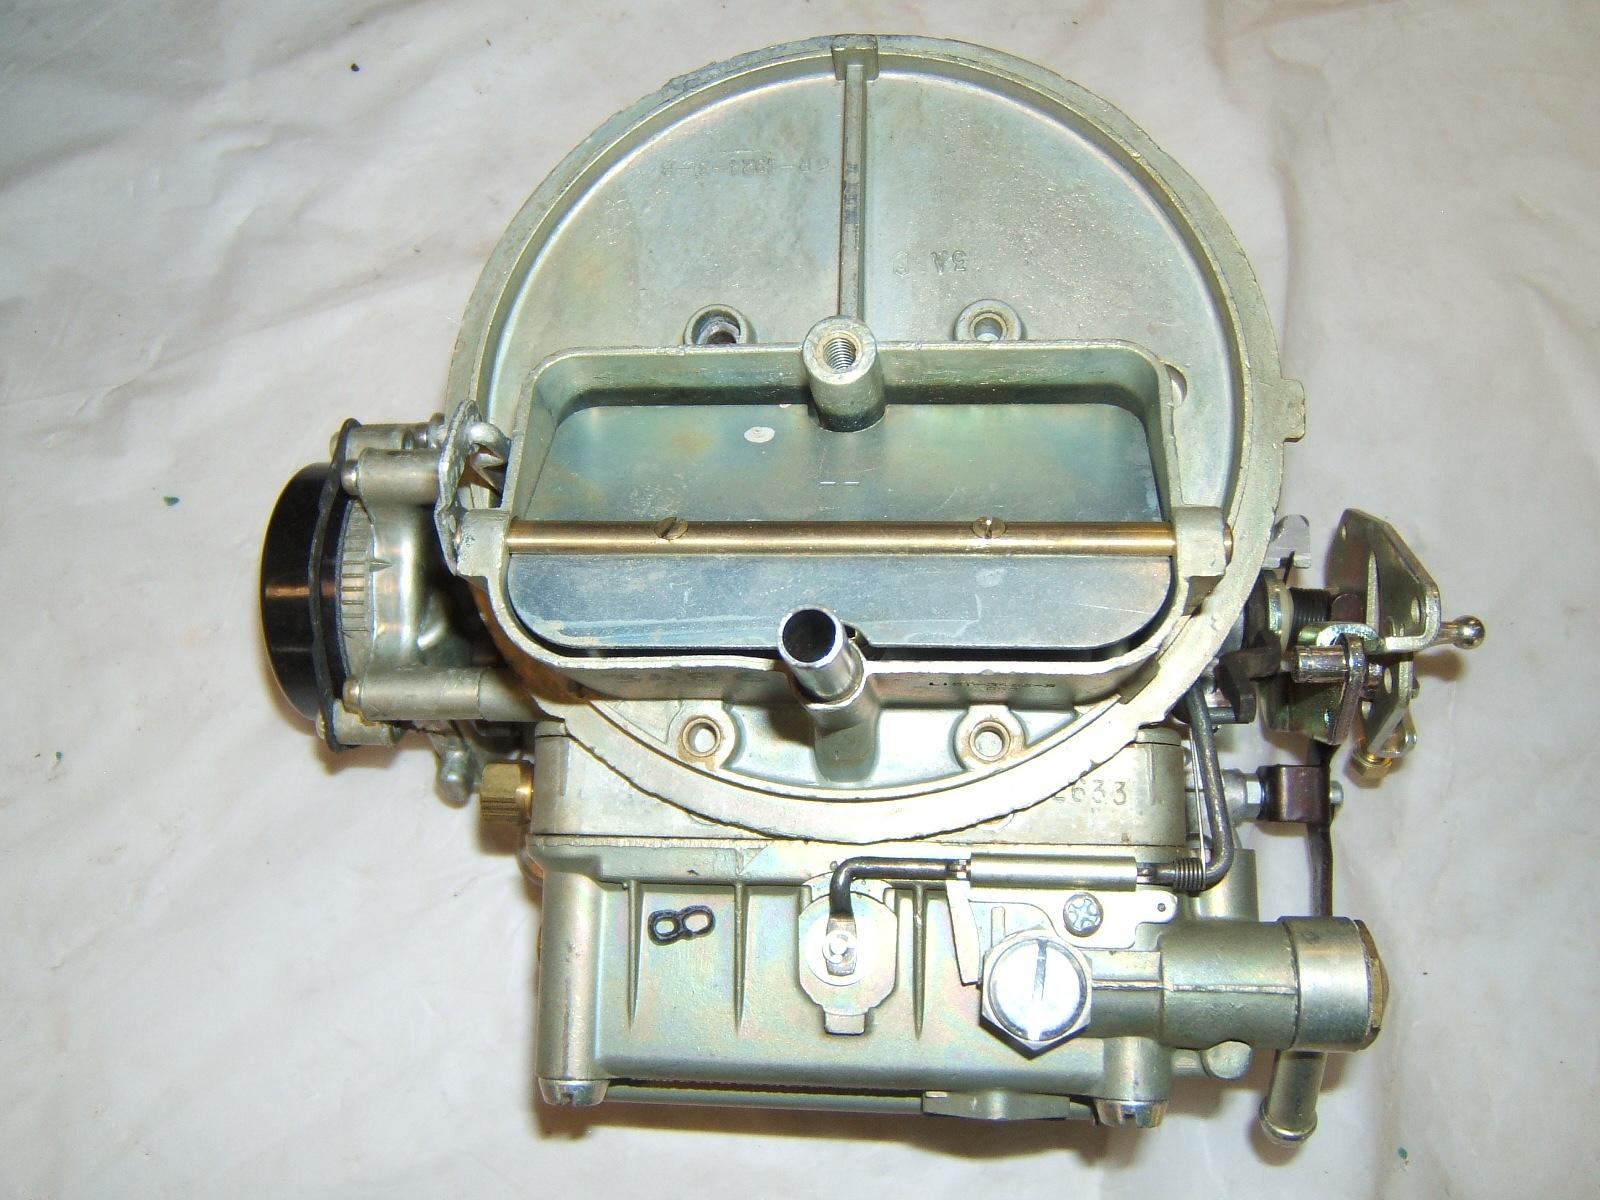 1965 Ford Galaxie carburetor new holley R3486 (A 1-52 R3486)